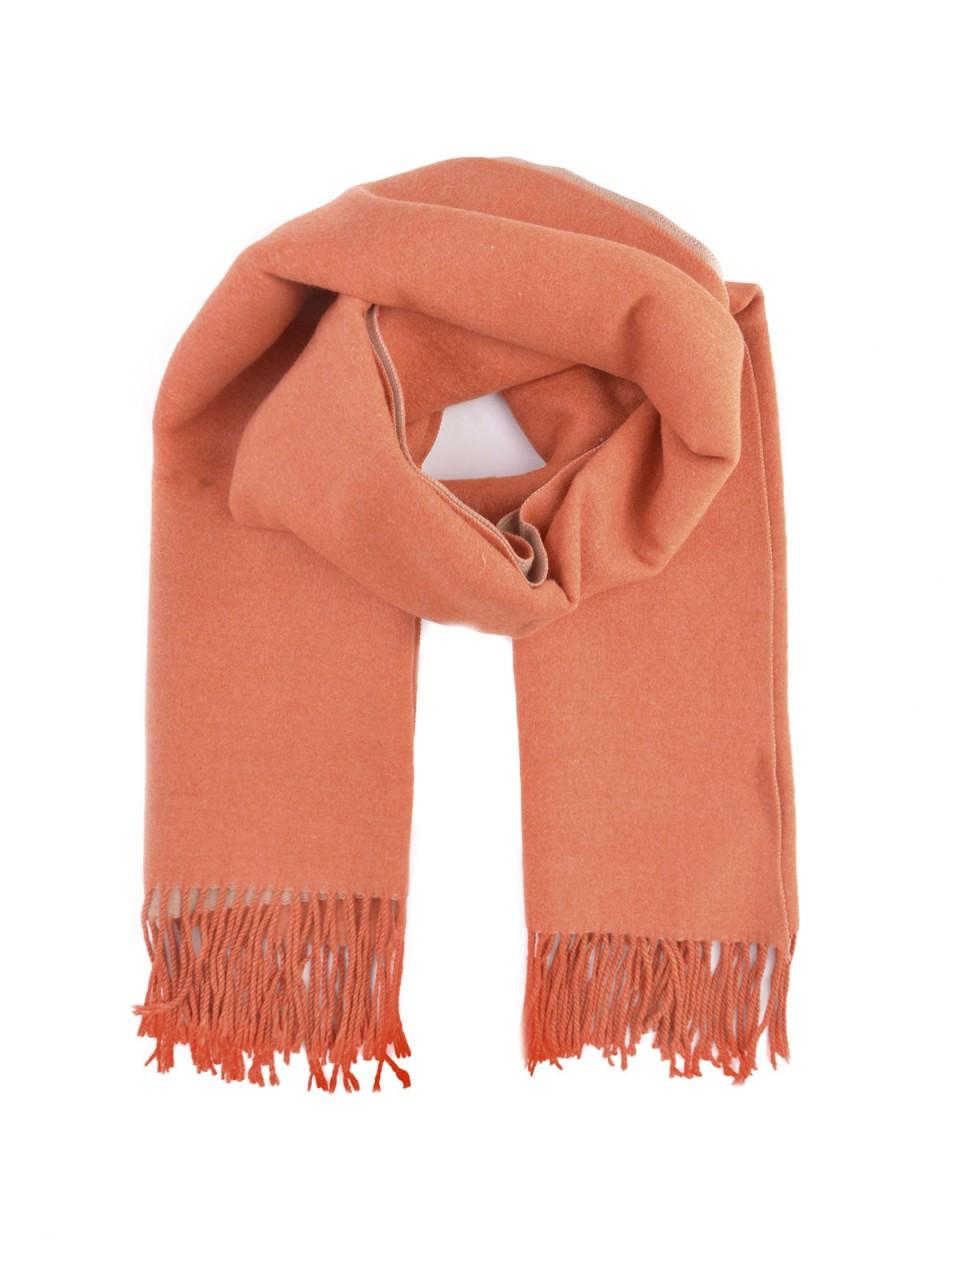 Schals - MILANO ITALY Damen Schal, orange  - Onlineshop Designermode.com